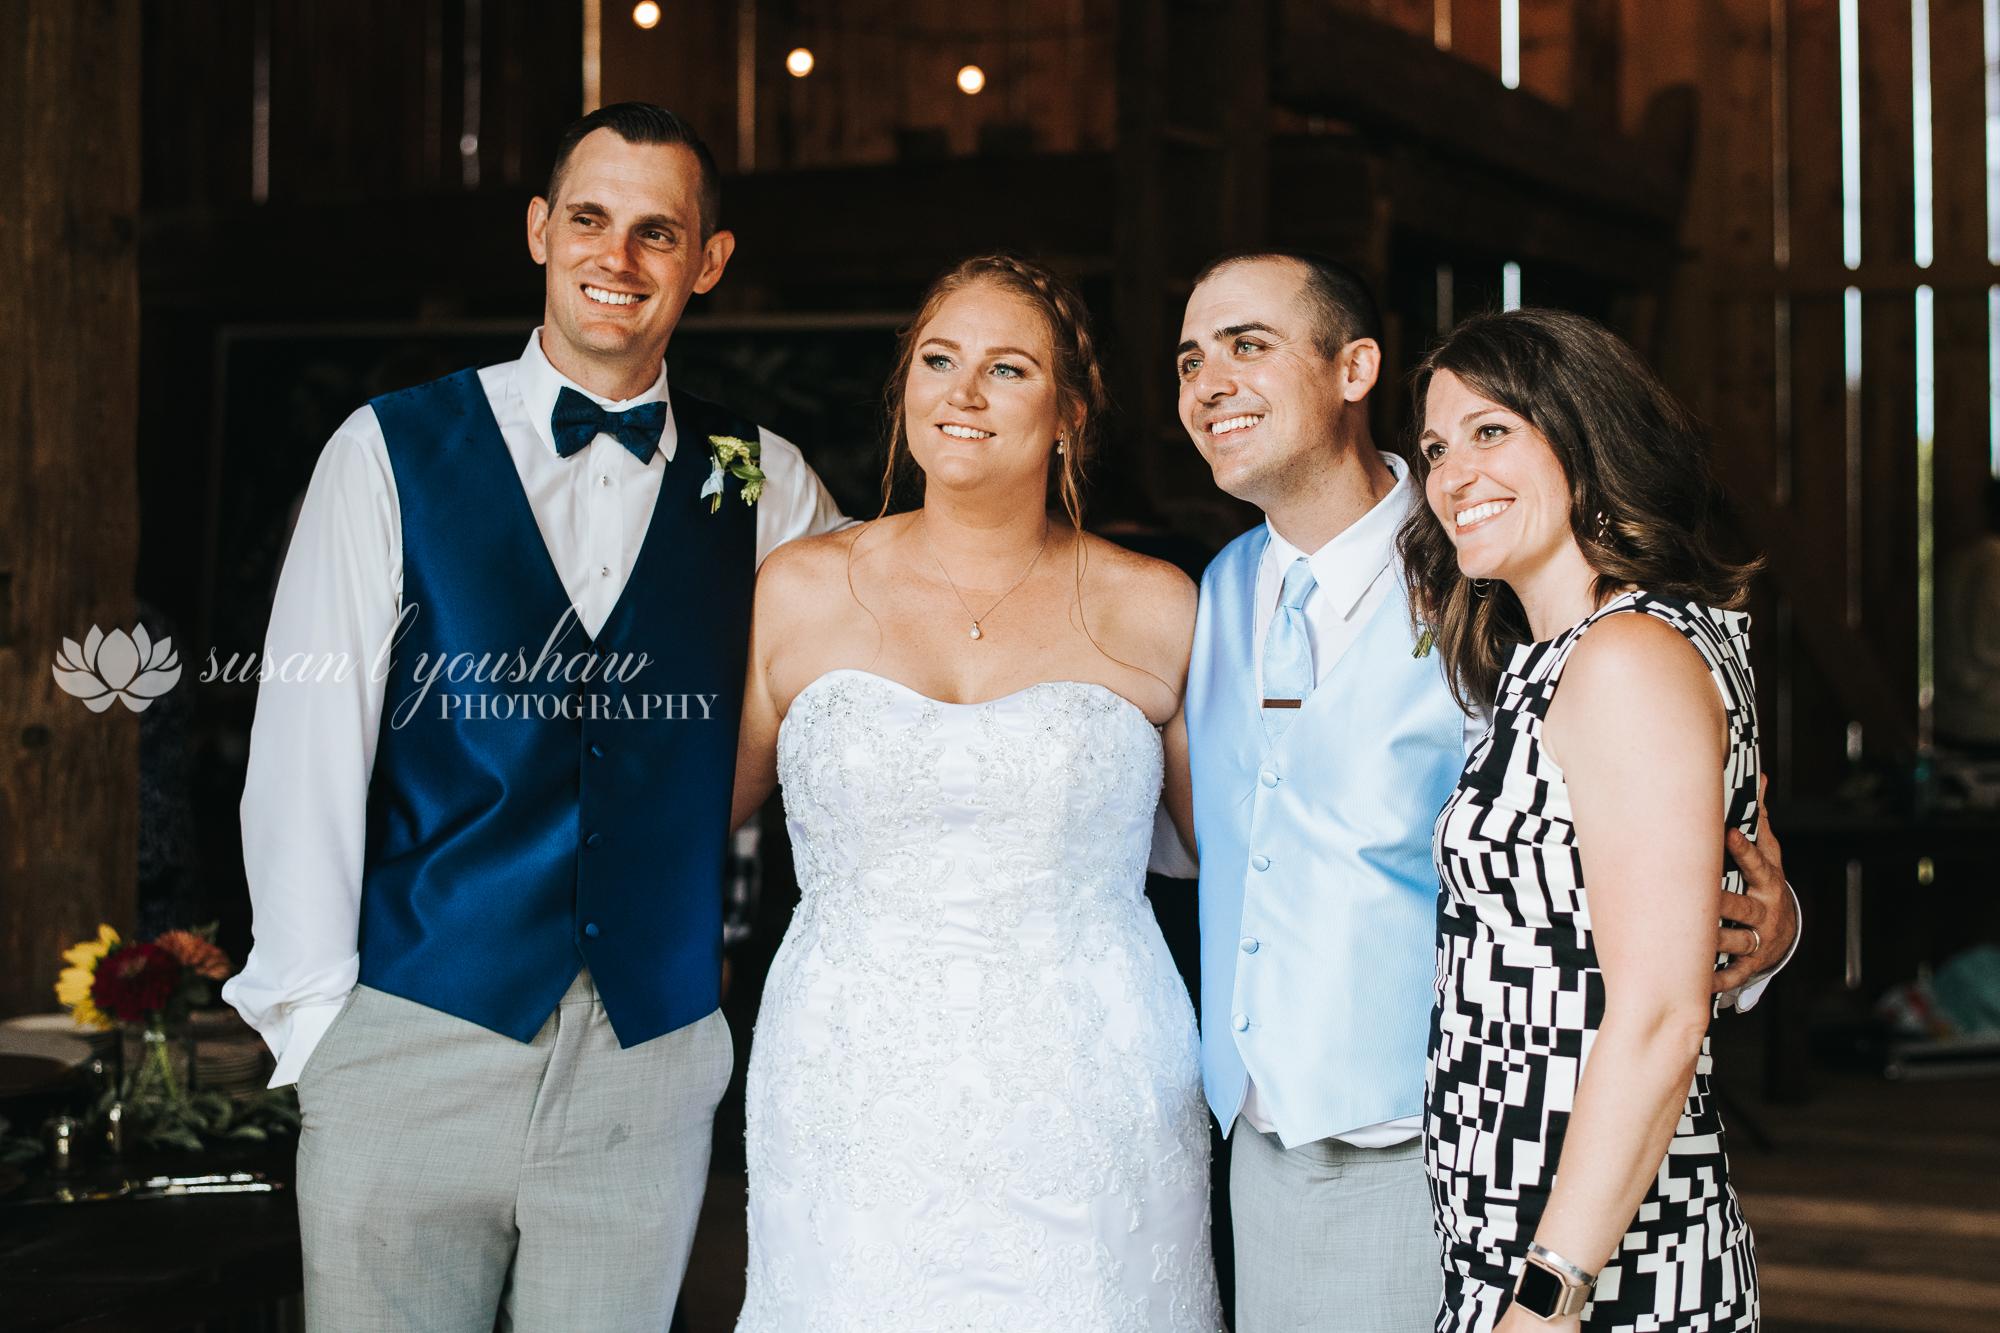 Erin and Jason Wedding Photos 07-06-2019 SLY Photography-111.jpg